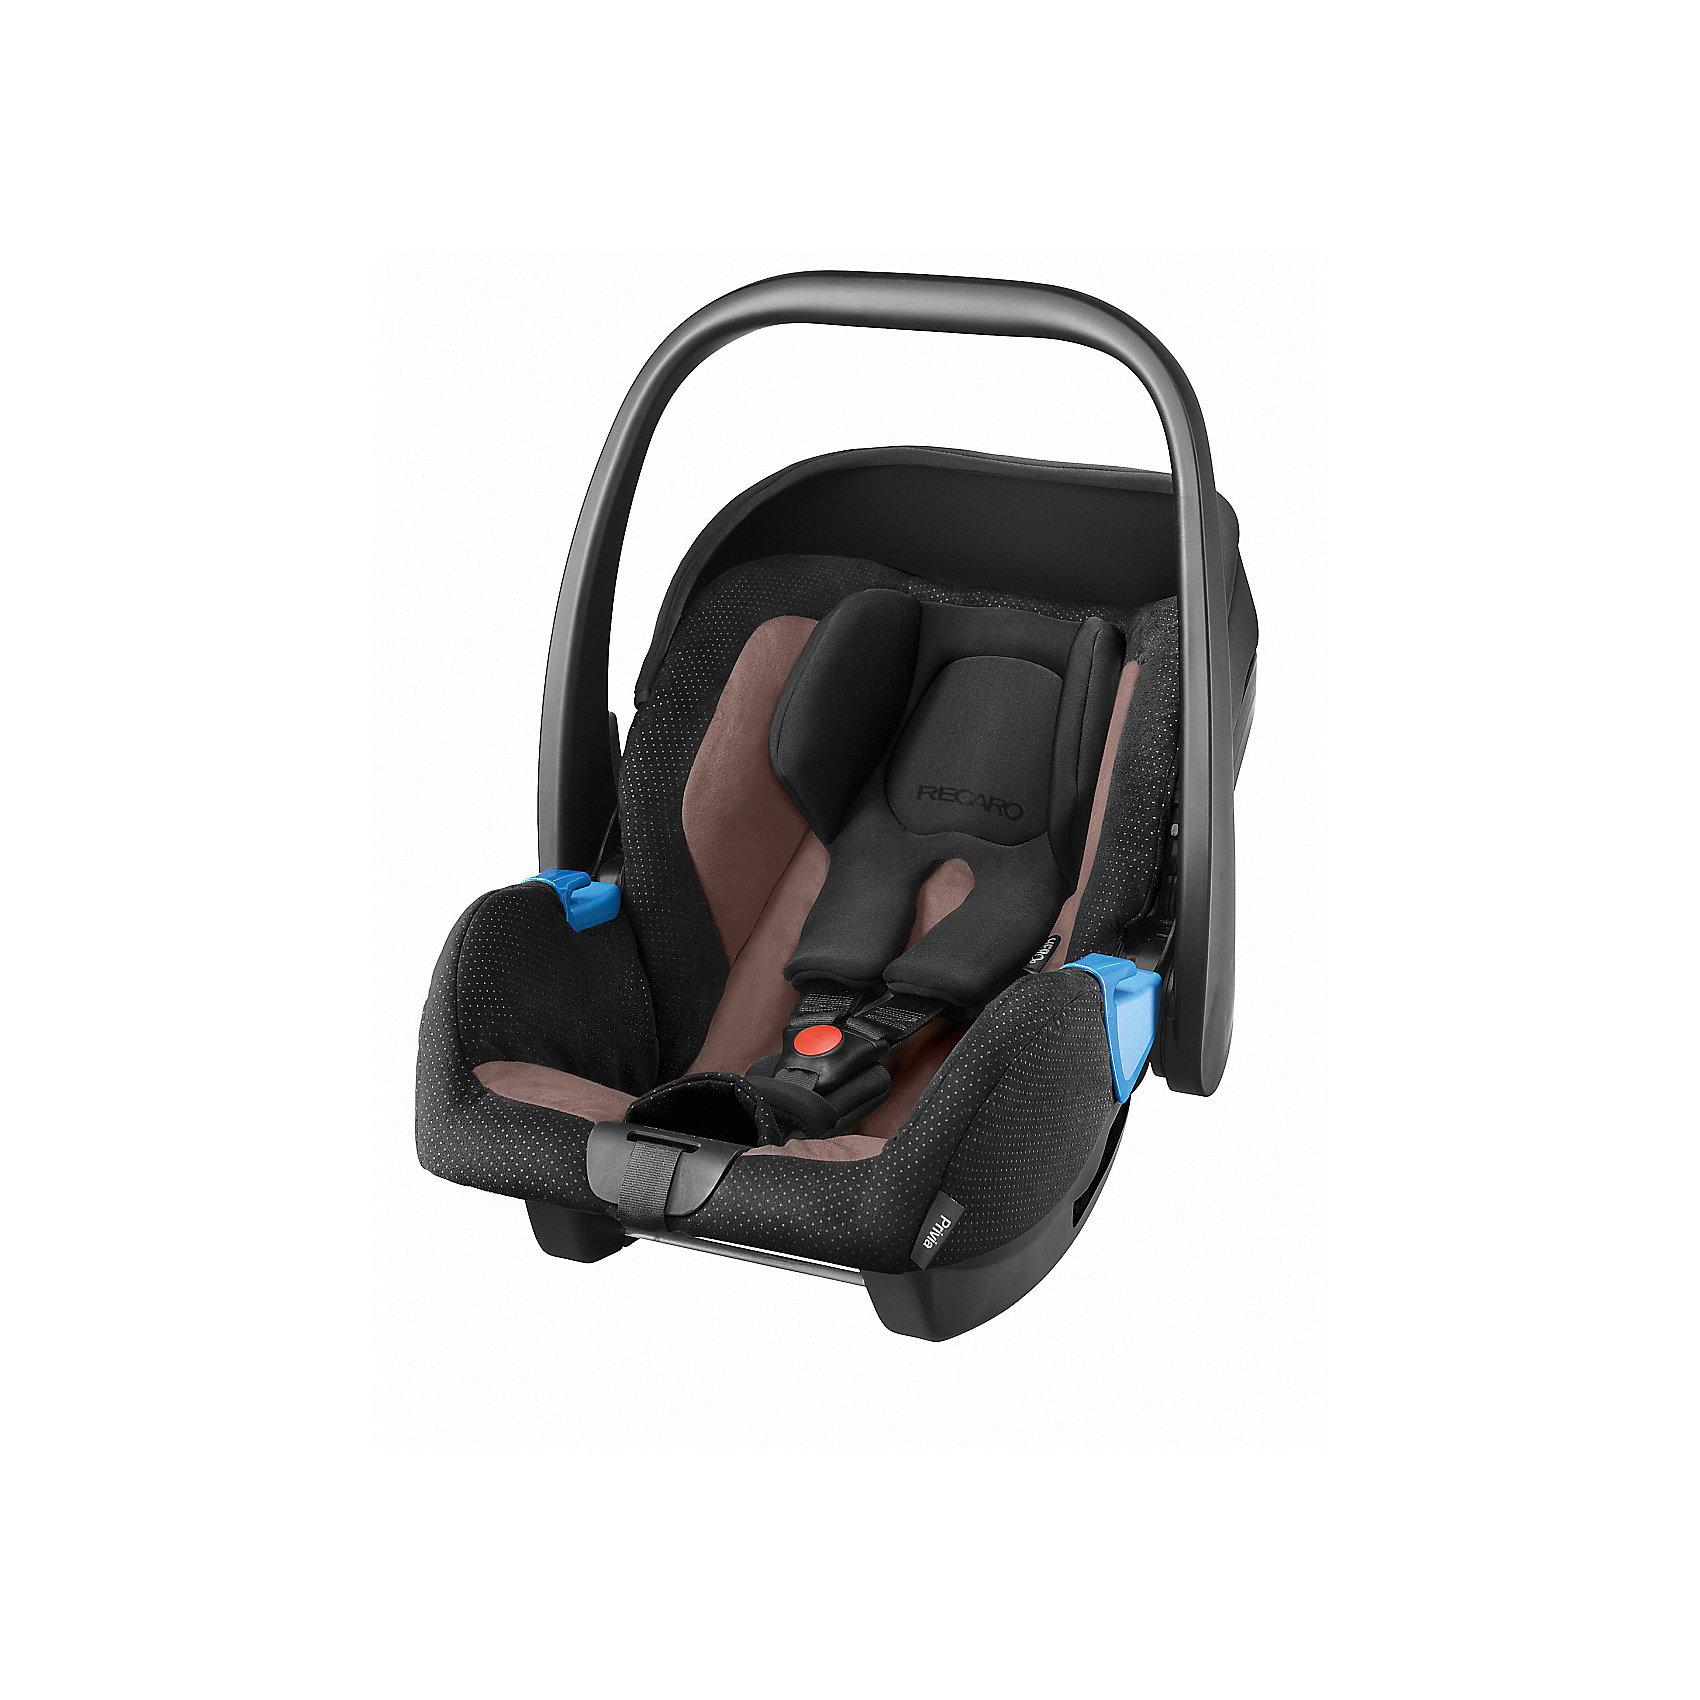 Автокресло RECARO Privia 0-13 кг, MoccaГруппа 0+ (До 13 кг)<br>Характеристики: <br><br>• группа автокресла: 0+;<br>• вес ребенка: до 13 кг;<br>• возраст ребенка: от рождения до 15 месяцев;<br>• способ установки: лицом против хода движения автомобиля;<br>• способ крепления: штатными ремнями безопасности или на базу RecaroFix (база приобретается отдельно);<br>• 3-х точечные ремни безопасности, регулируются по длине;<br>• вкладыш для новорожденного;<br>• регулируемый капюшон;<br>• пластиковая ручка для переноски;<br>• съемные чехлы автокресла, стирка при температуре 30 градусов;<br>• материал: пластик, полиэстер;<br>• размеры автокресла: 65х44х57 см;<br>• вес: 3,7 кг.<br><br>Автокресло Privia – полноценная автолюлька для путешествий с новорожденным. Ручка для переноски дает возможность извлечь автокресло из салона автомобиля даже со спящим малышом, не потревожив его сон. Автокресло устанавливается на шасси различных колясок с помощью адаптеров. <br><br>Автокресло Privia 0-13 кг., Recaro, Mocca можно купить в нашем интернет-магазине.<br><br>Ширина мм: 650<br>Глубина мм: 440<br>Высота мм: 570<br>Вес г: 3700<br>Возраст от месяцев: 0<br>Возраст до месяцев: 12<br>Пол: Унисекс<br>Возраст: Детский<br>SKU: 5396748